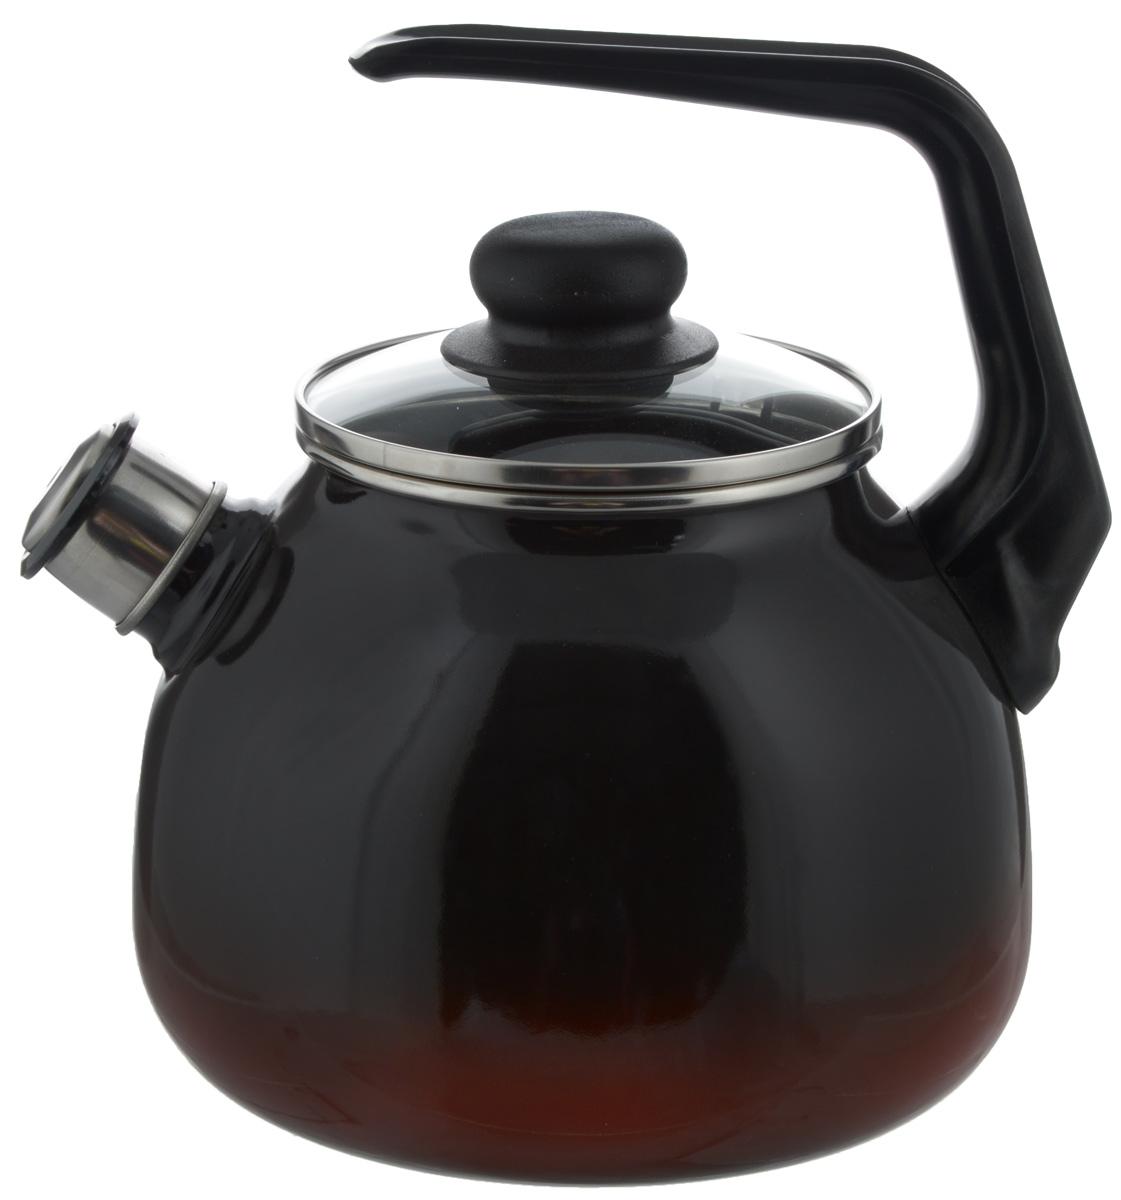 Чайник СтальЭмаль Кармен, со свистком, цвет: черный, красный, 3 л4с209/яЧайник СтальЭмаль Кармен изготовлен из высококачественной нержавеющей стали с эмалированным покрытием. Нержавеющая сталь обладает высокой устойчивостью к коррозии, не вступает в реакцию с холодными и горячими продуктами и полностью сохраняет их вкусовые качества. Особая конструкция дна способствует высокой теплопроводности и равномерному распределению тепла. Чайник оснащен удобной ручкой. Носик чайника имеет снимающийся свисток, звуковой сигнал которого подскажет, когда закипит вода. Подходит для всех типов плит, включая индукционные. Можно мыть в посудомоечной машине. Диаметр чайника (по верхнему краю): 12,5 см. Высота чайника (без учета ручки и крышки): 15 см. Высота чайника (с учетом ручки): 23 см.